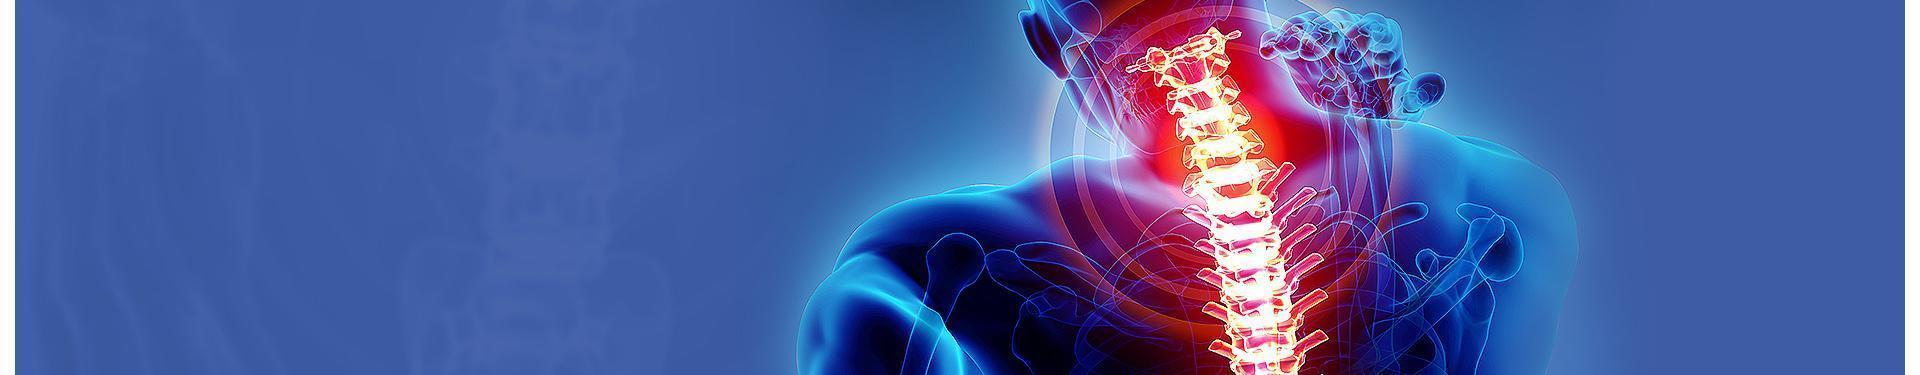 banner wizualizacja bólu kręgosłupa u człowieka